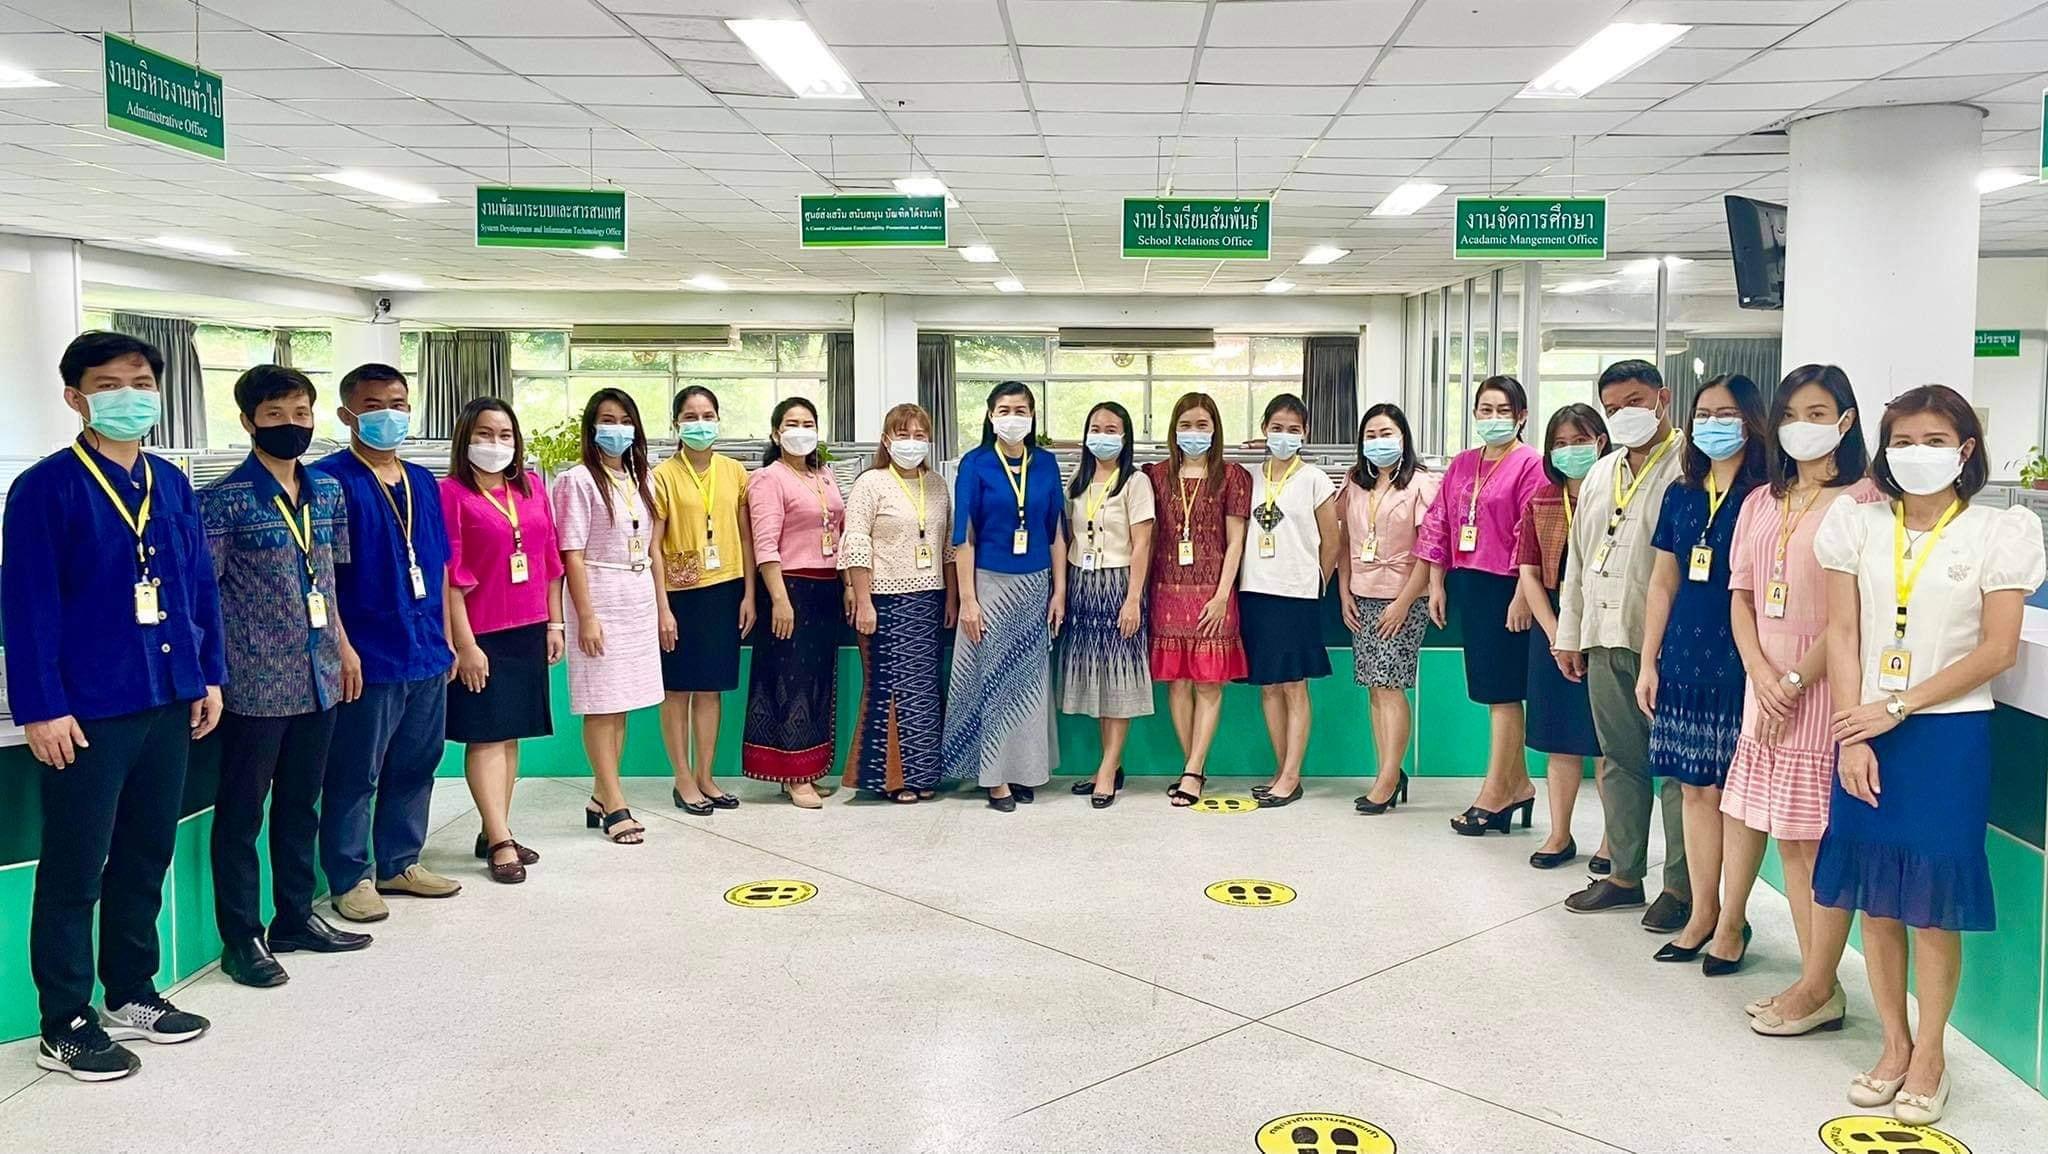 บุคลากรกองบริการการศึกษาสวมใส่ผ้าไทย